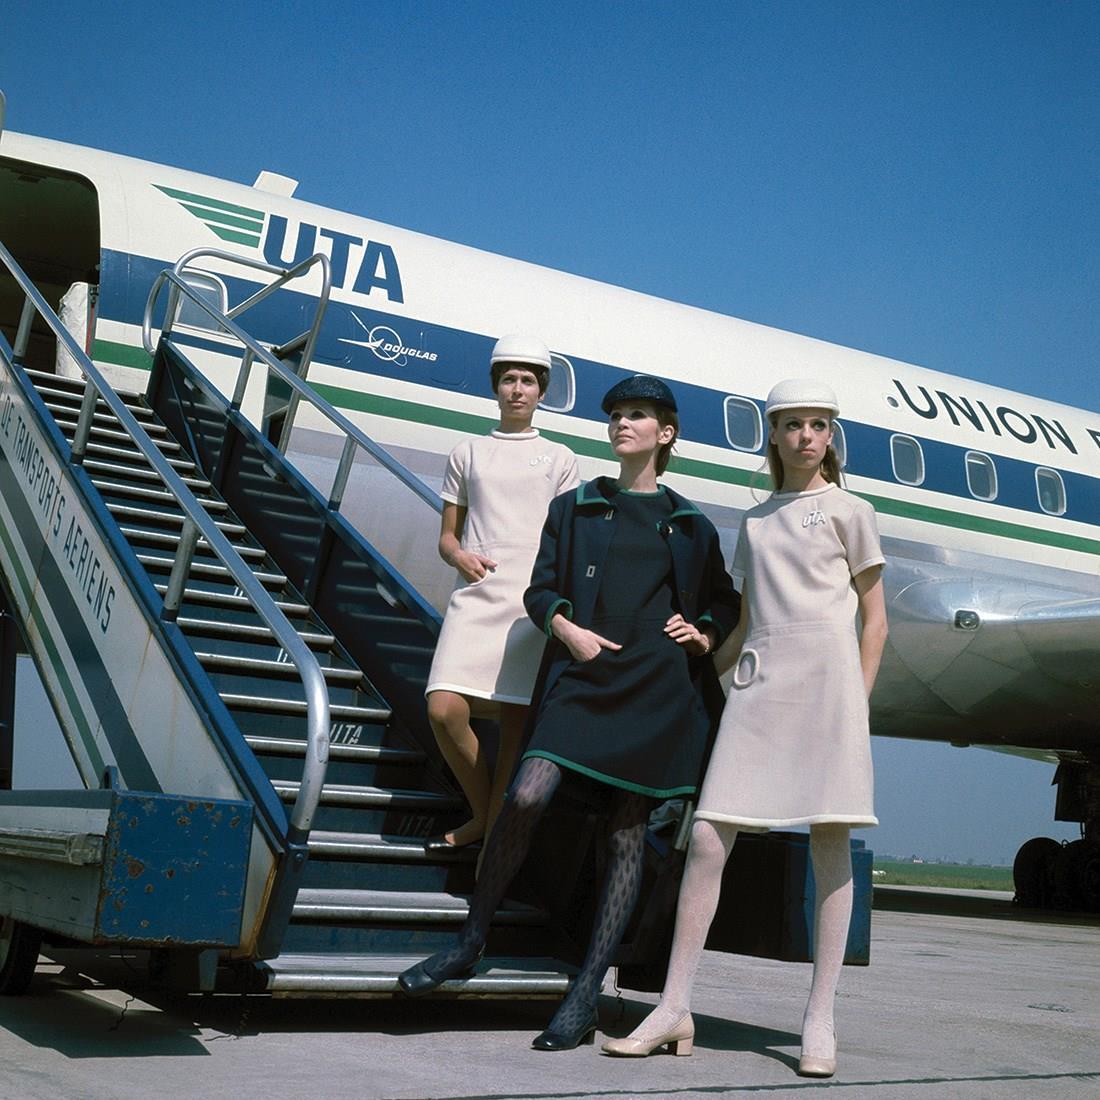 طراحی لباس مهمانداران هواپیما uta توسط پیر کاردین